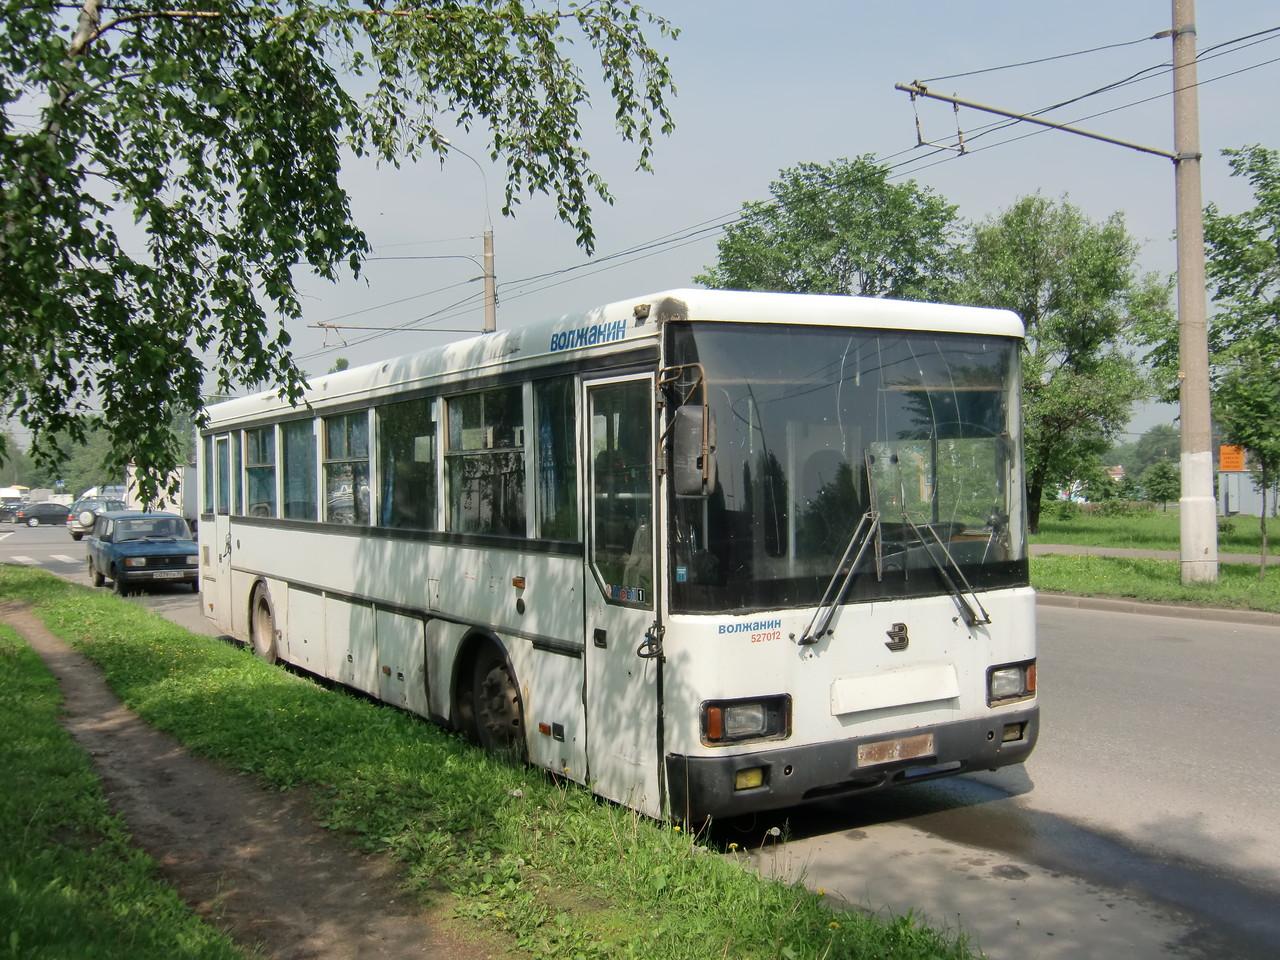 Наклейка на передке явно не соответствует содержанию автобуса